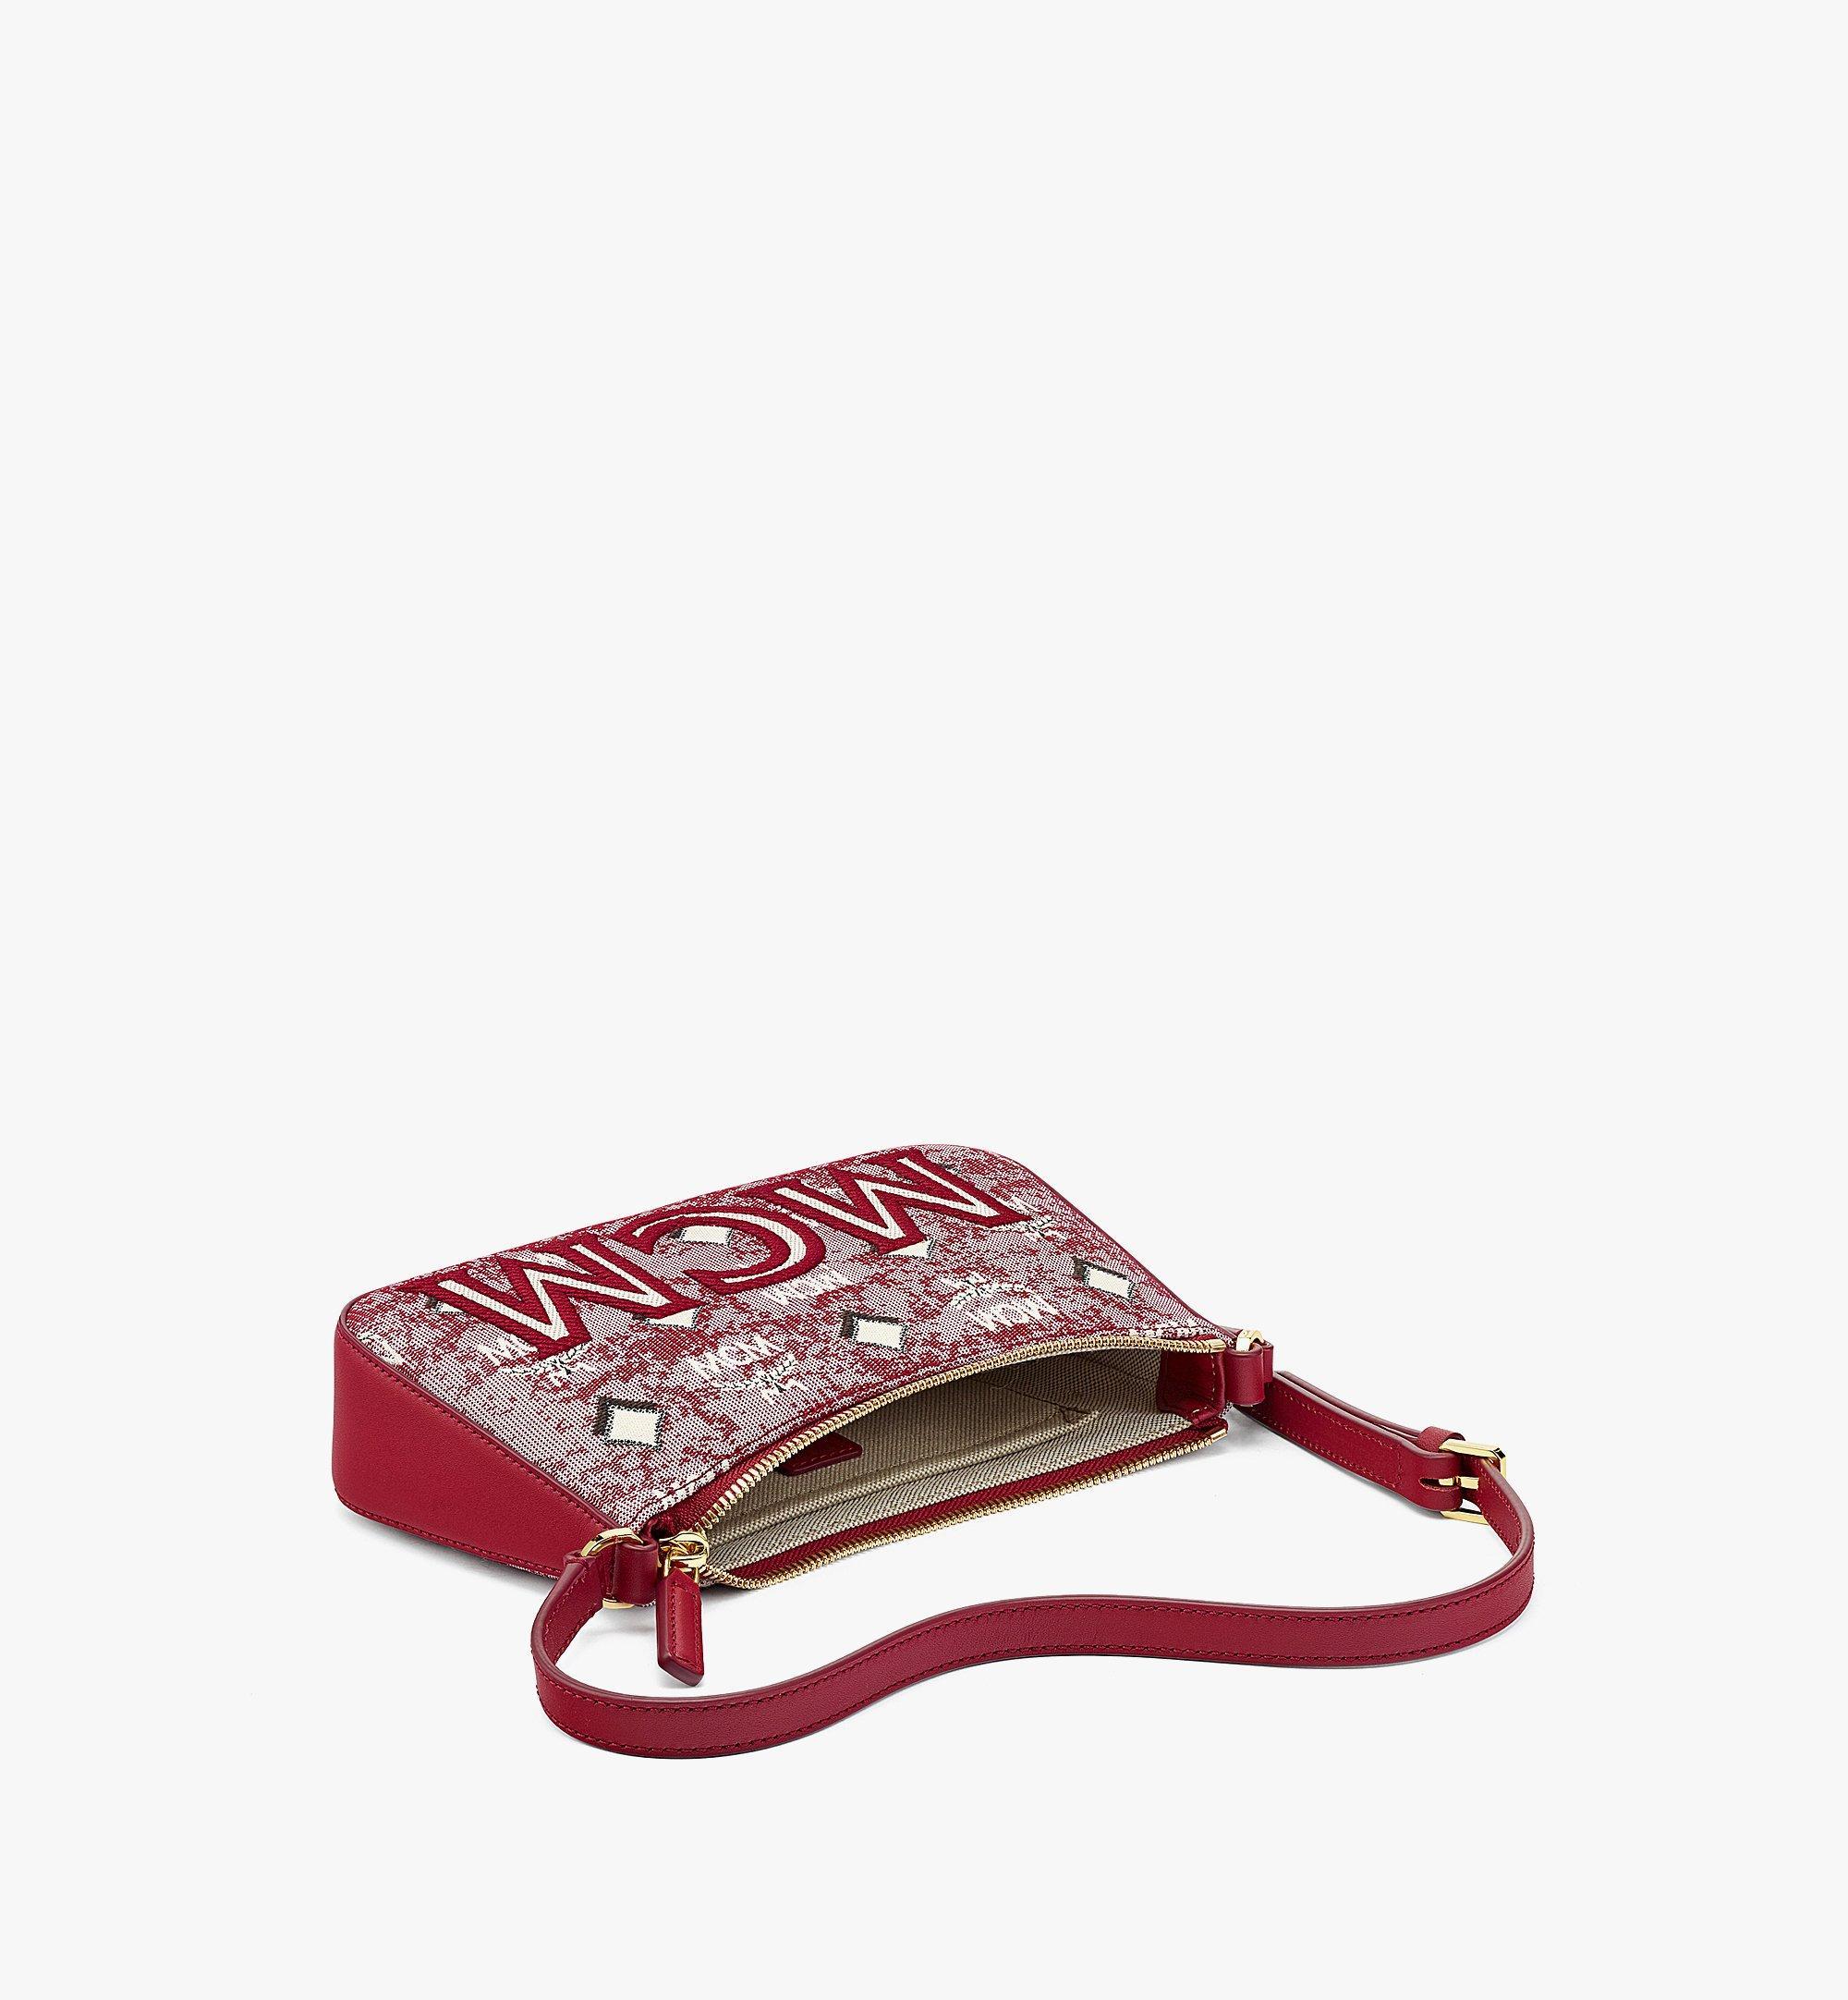 MCM Sac porté épaule en jacquard monogrammé vintage Red MWSBATQ01RE001 Plus de photos 2